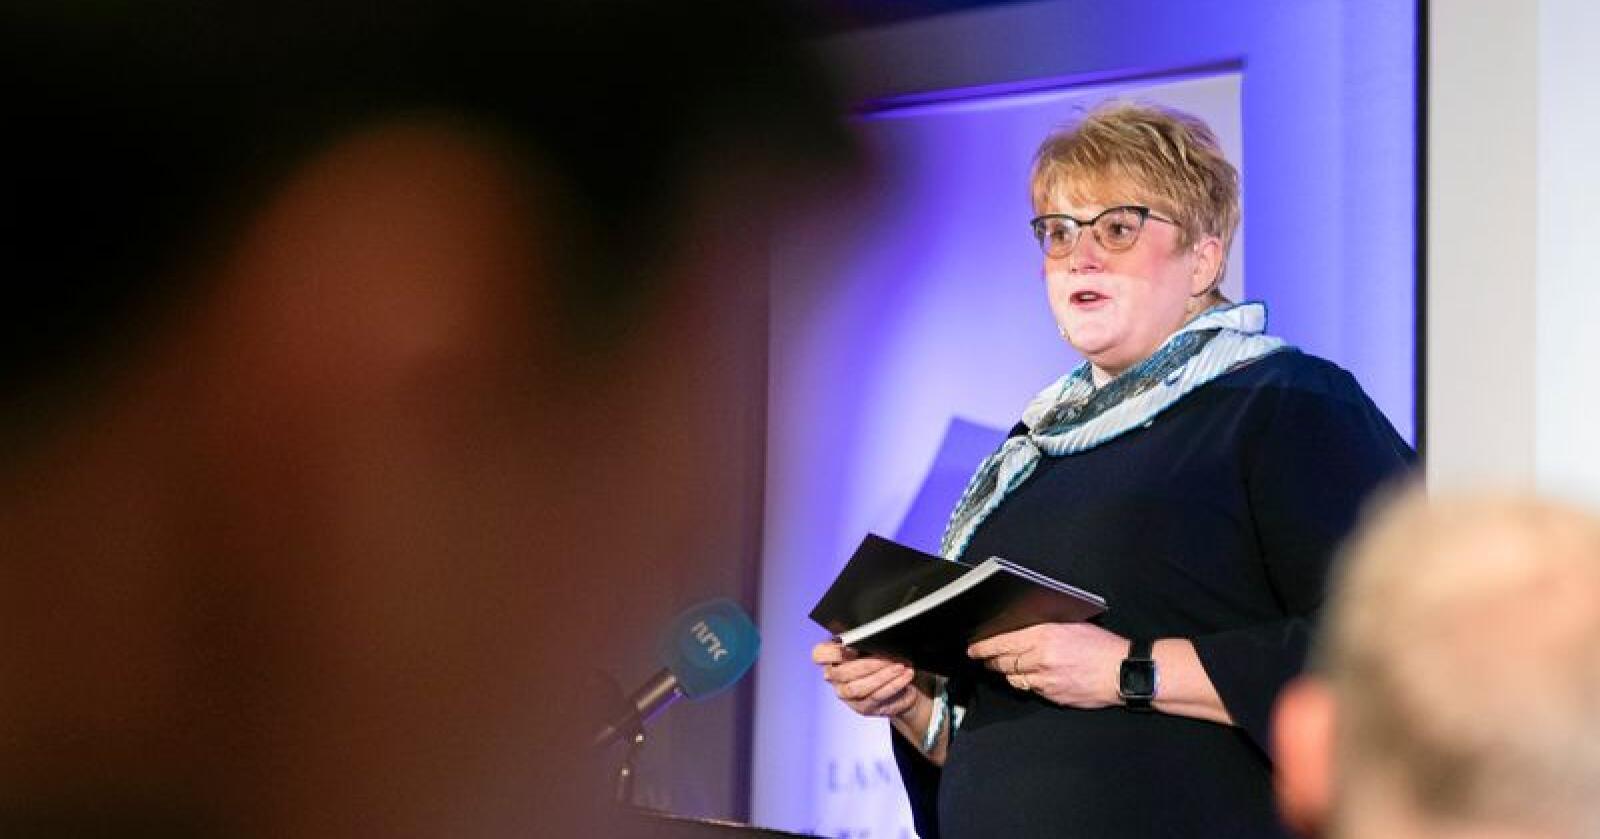 Manglar nynorskblikk: Kulturminister Trine Skei Grande, her under presentasjonen av mediestøttemeldinga førre veke. Foto: Berit Roald / NTB scanpix